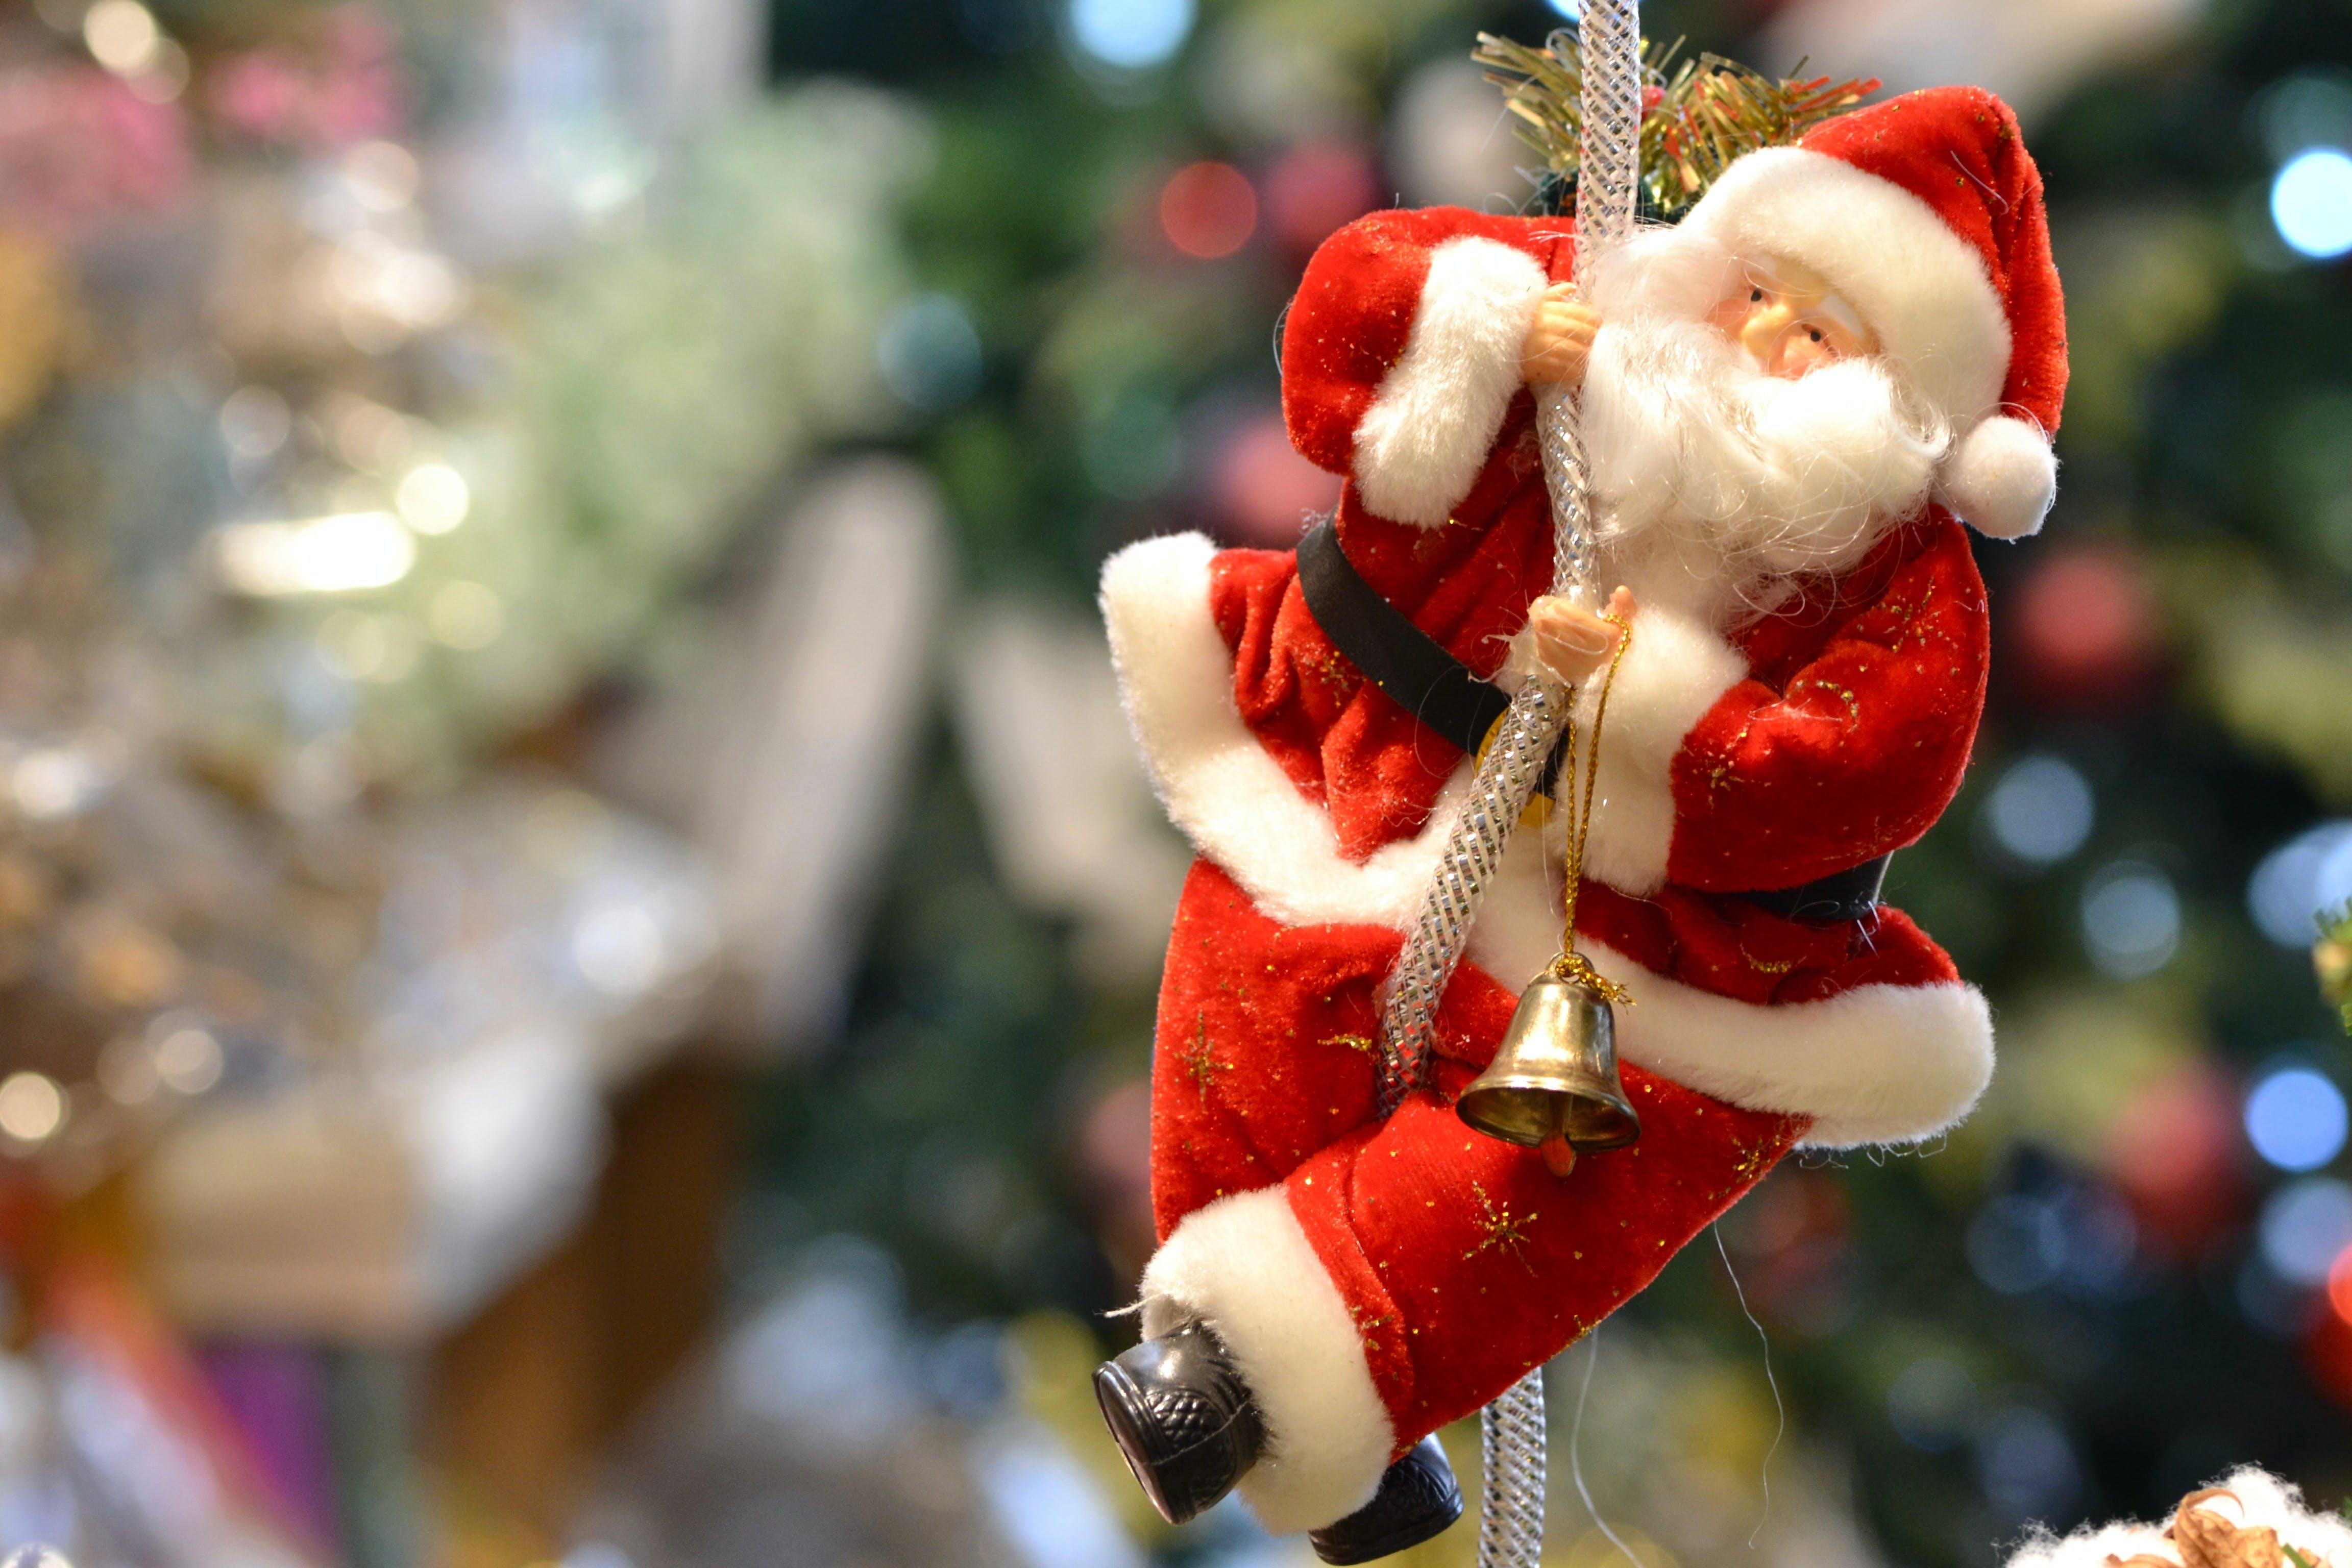 Free stock photo of celebrate, celebration, christmas, christmas background